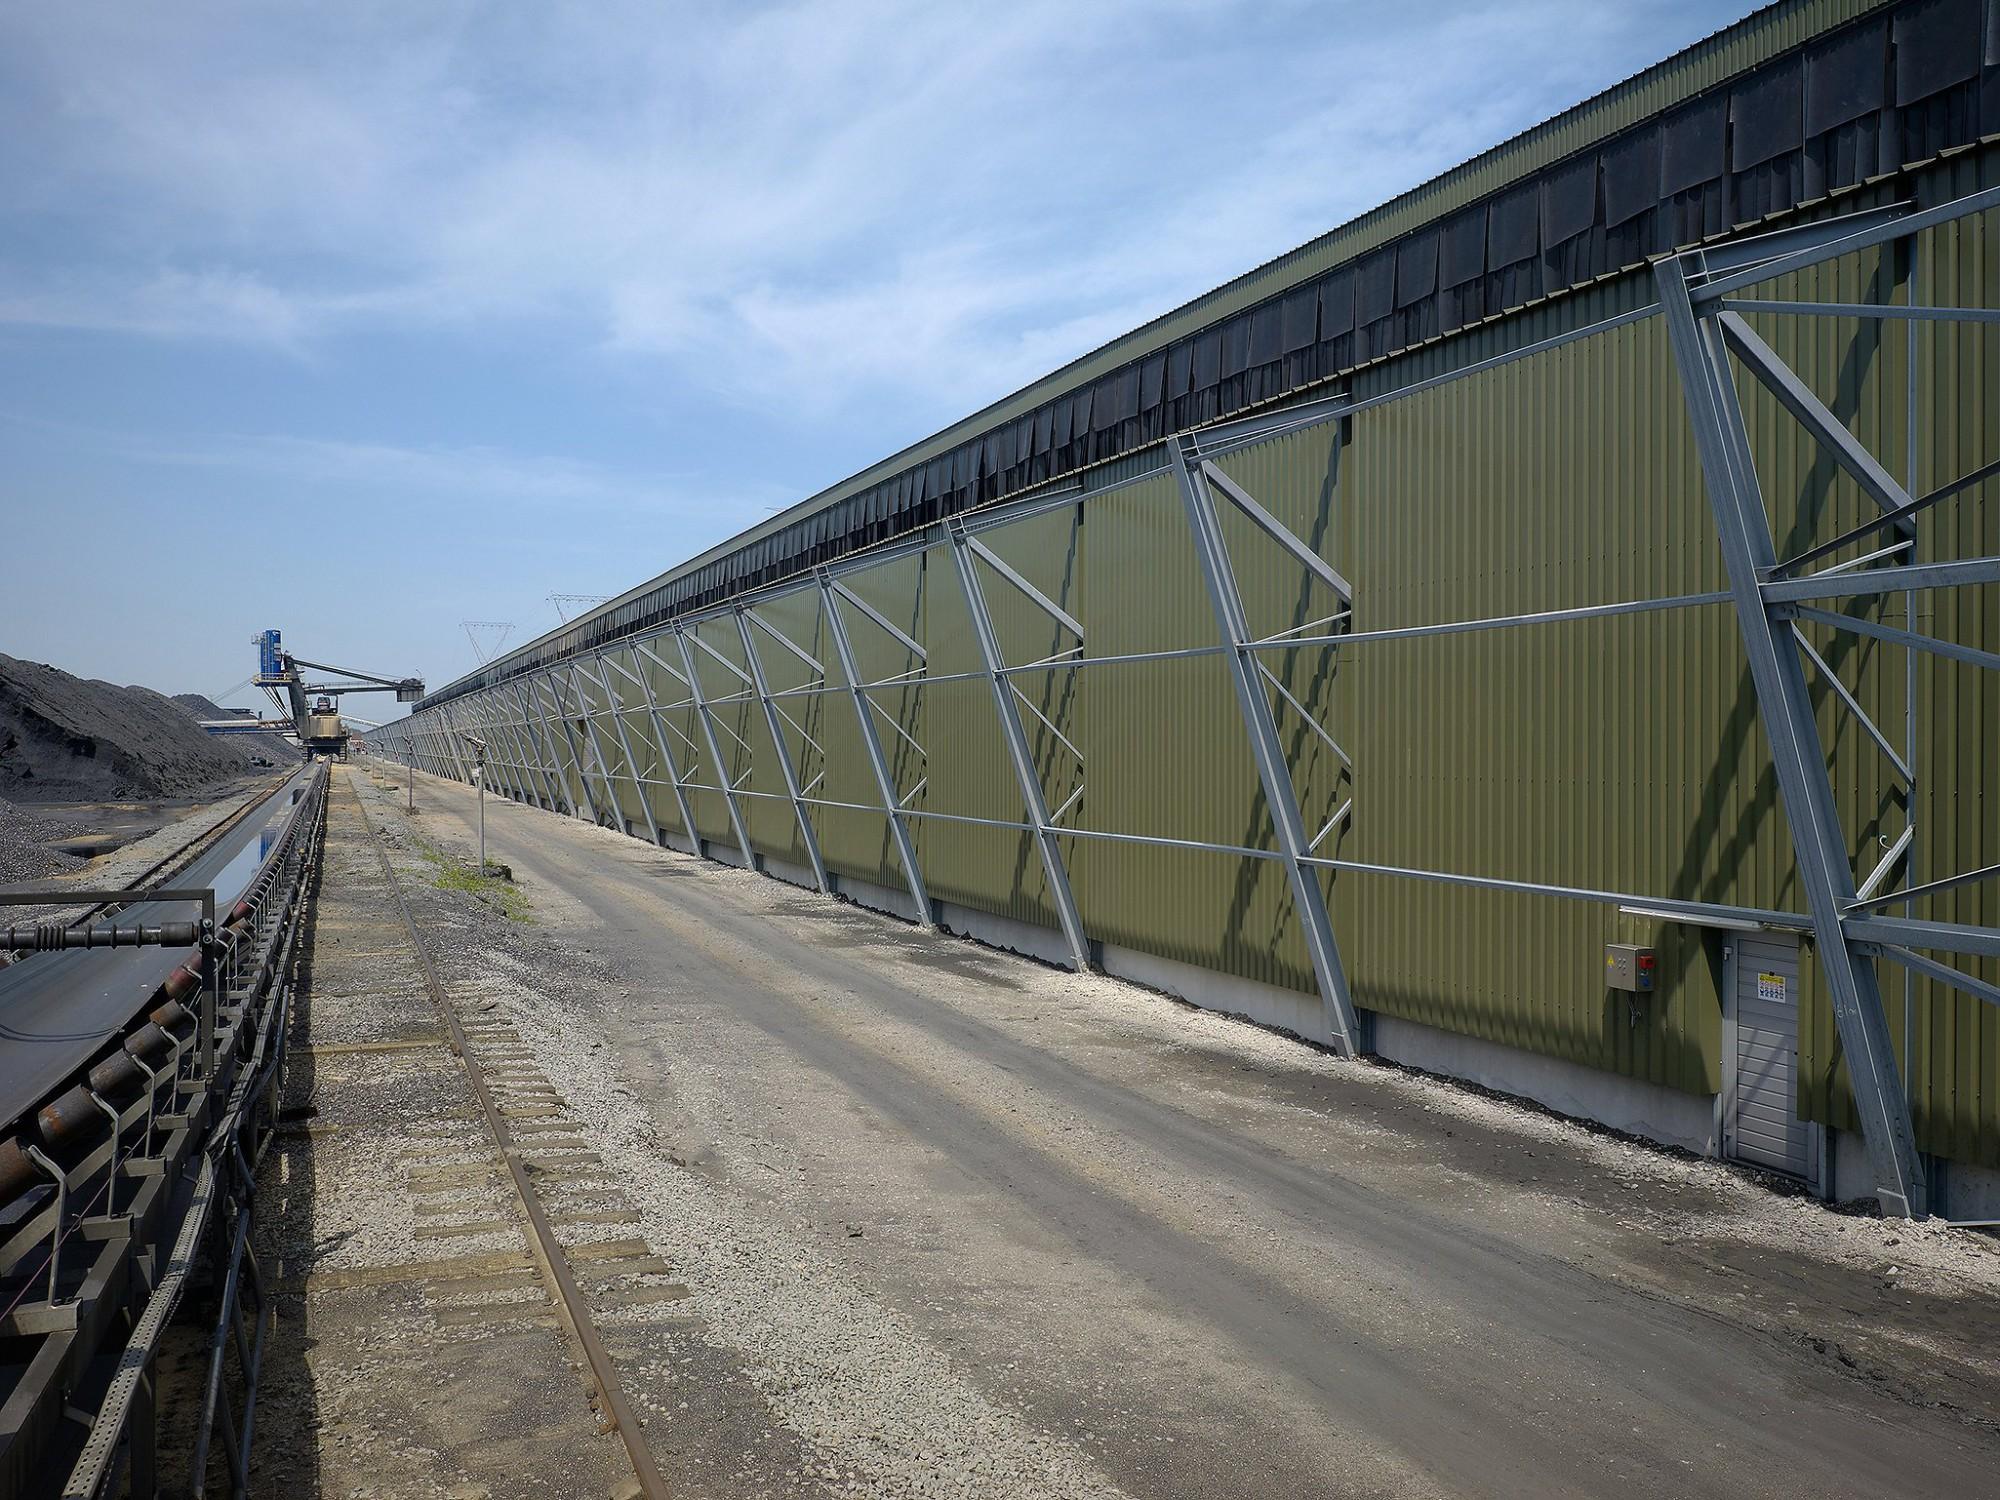 Afbeelding: Fotografie van industriële gebouwen, processen en technieken op locatie.